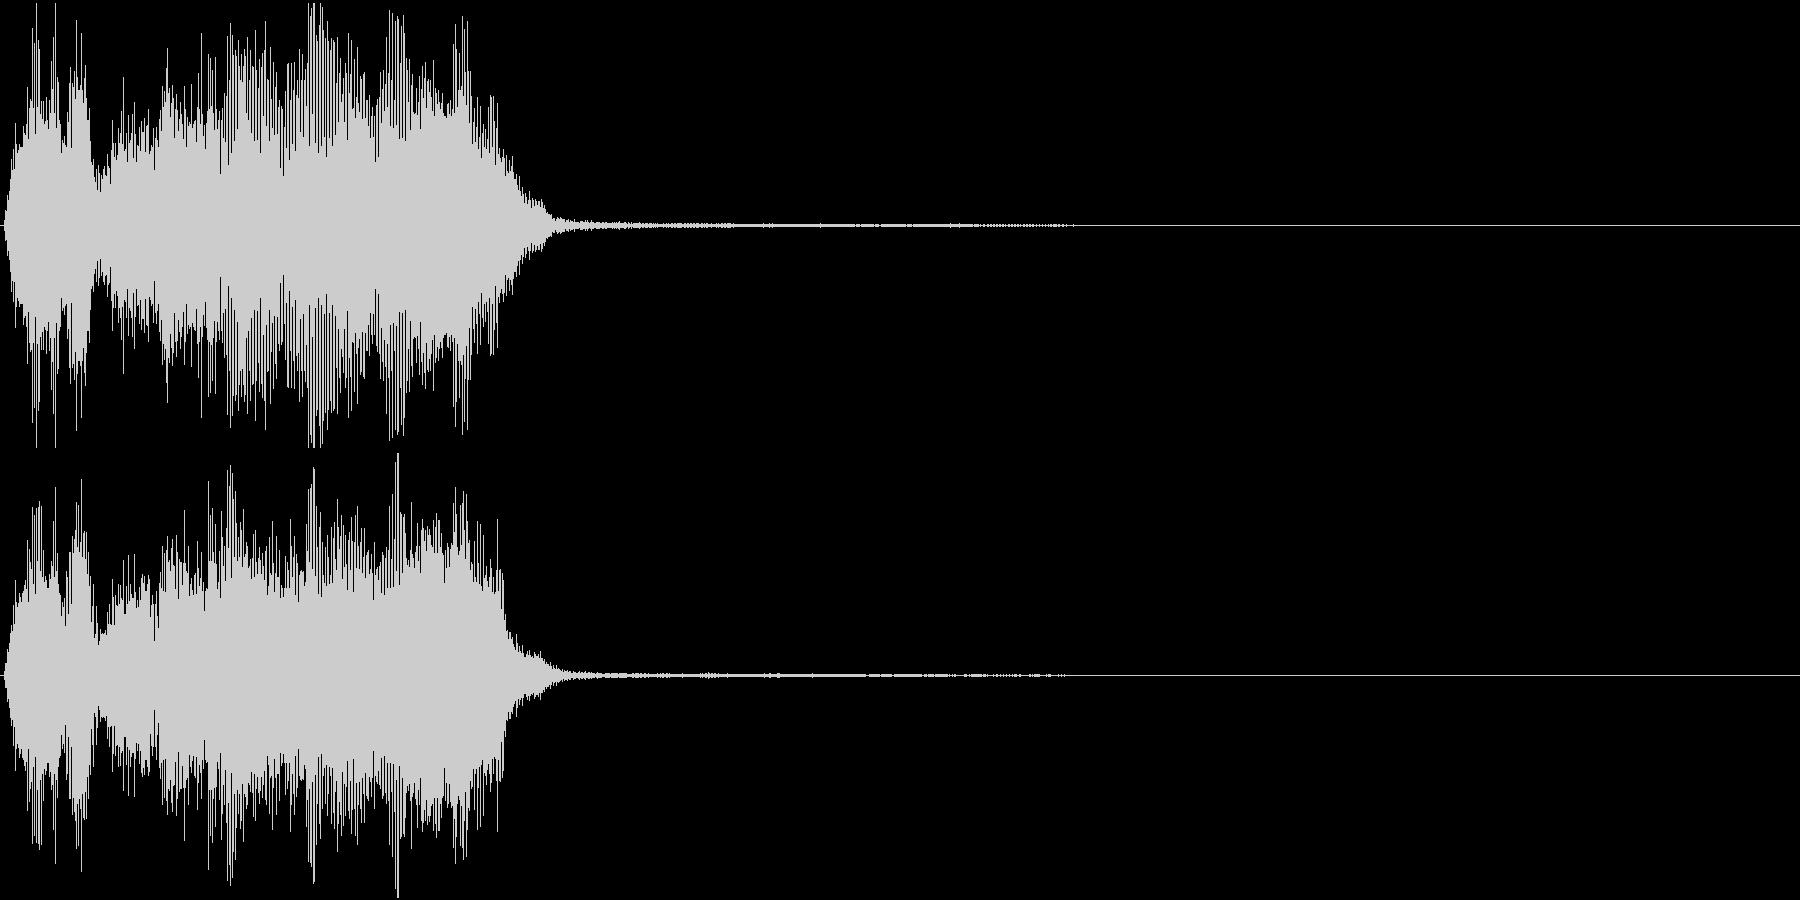 トランペット ファンファーレ 定番 19の未再生の波形